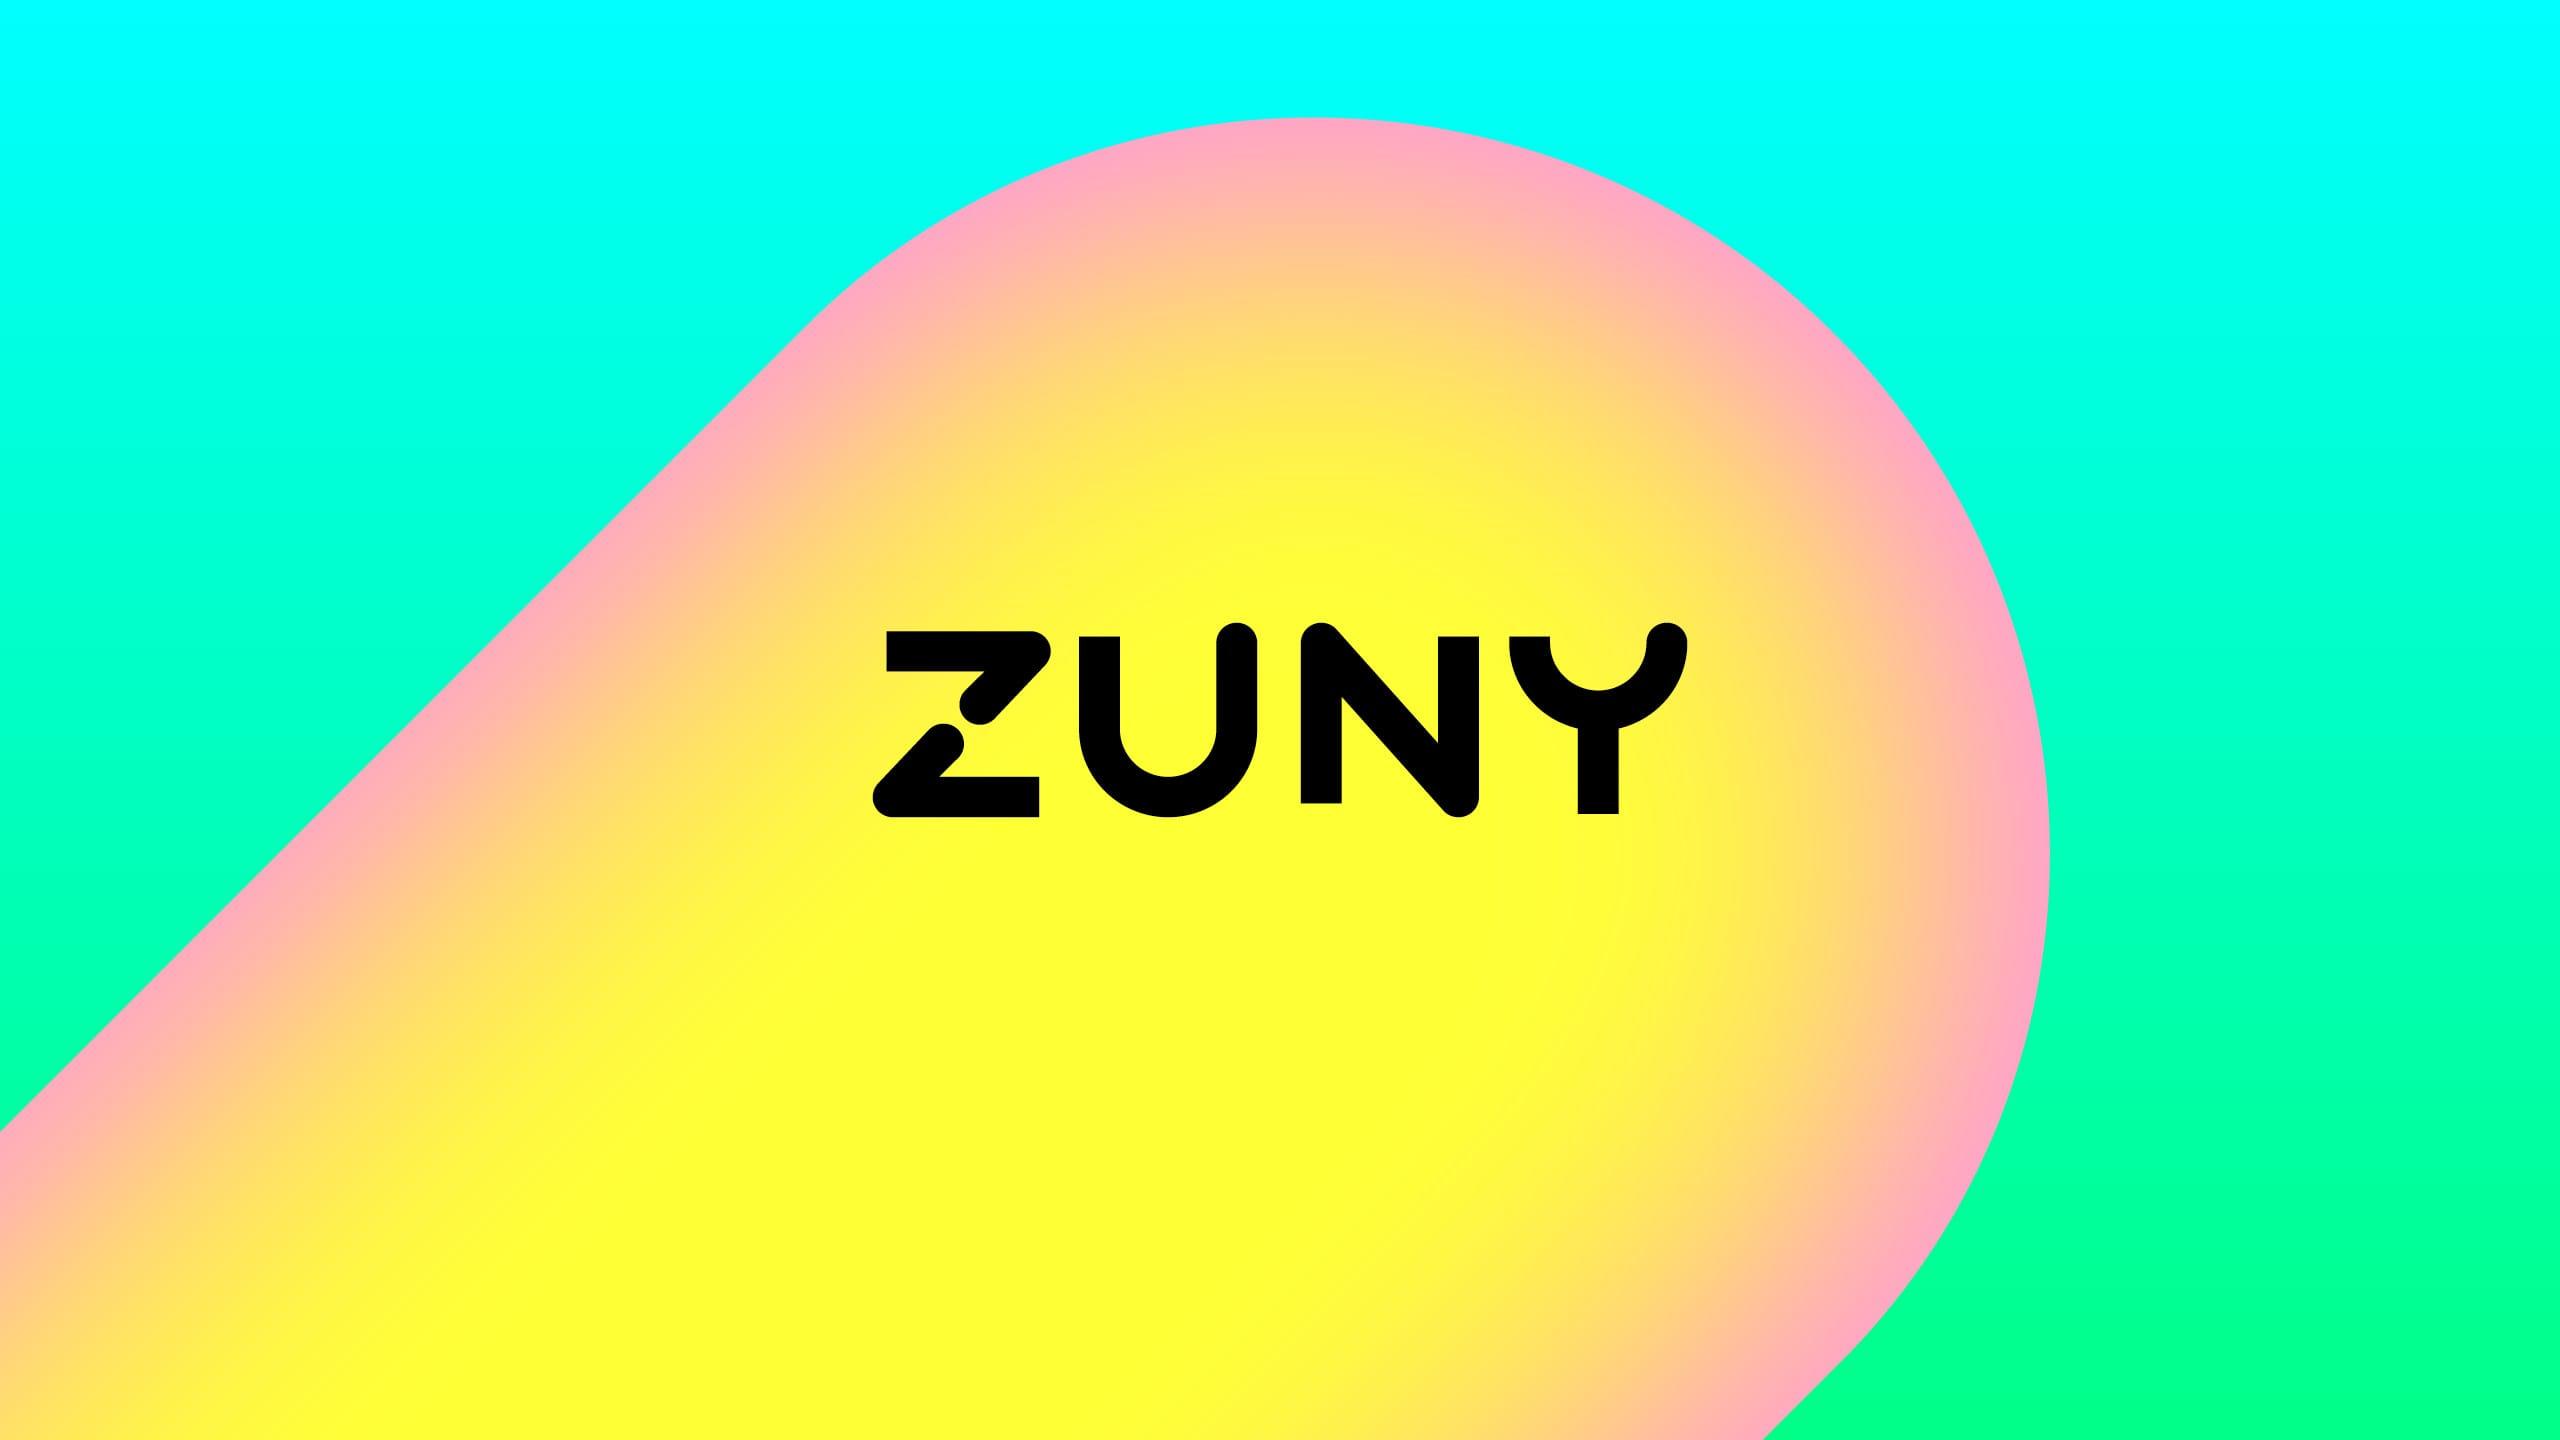 ZUNY-2-identity